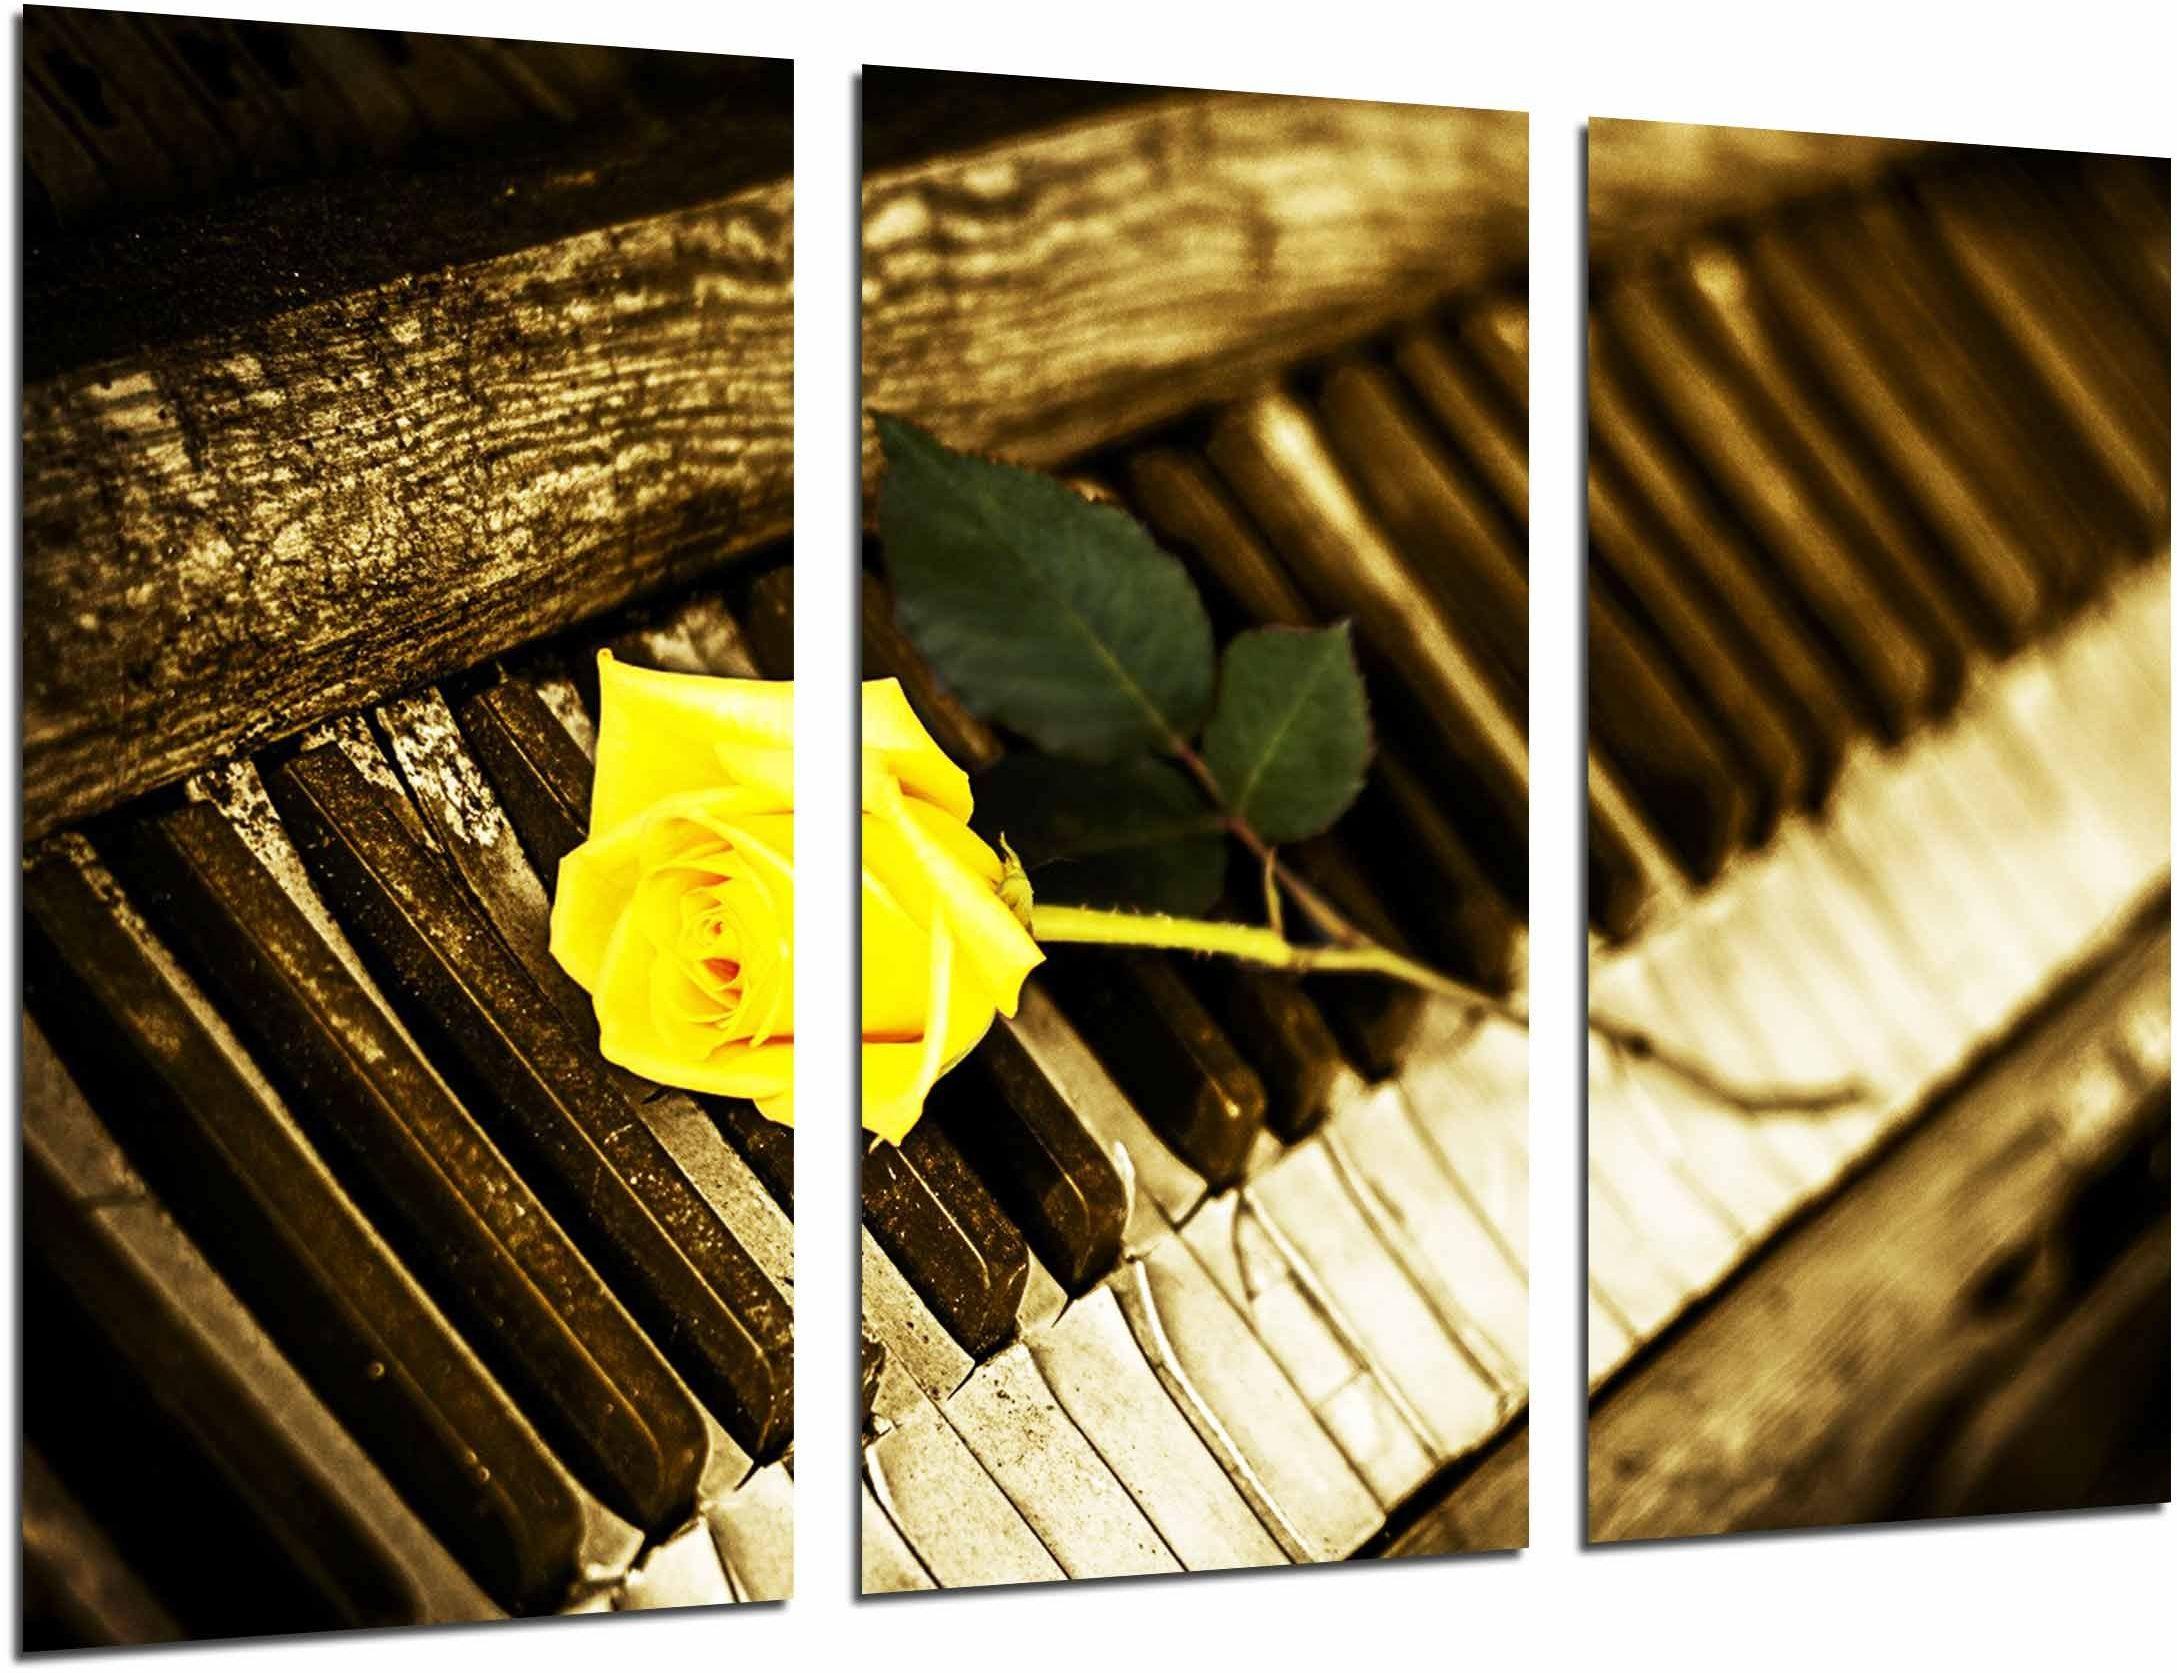 Ref.26755 obraz ścienny - fortepian vintage różowy żółty, romantyczny, 97 x 62 cm, druk drewniany - format XXL - druk artystyczny, nr ref.26755